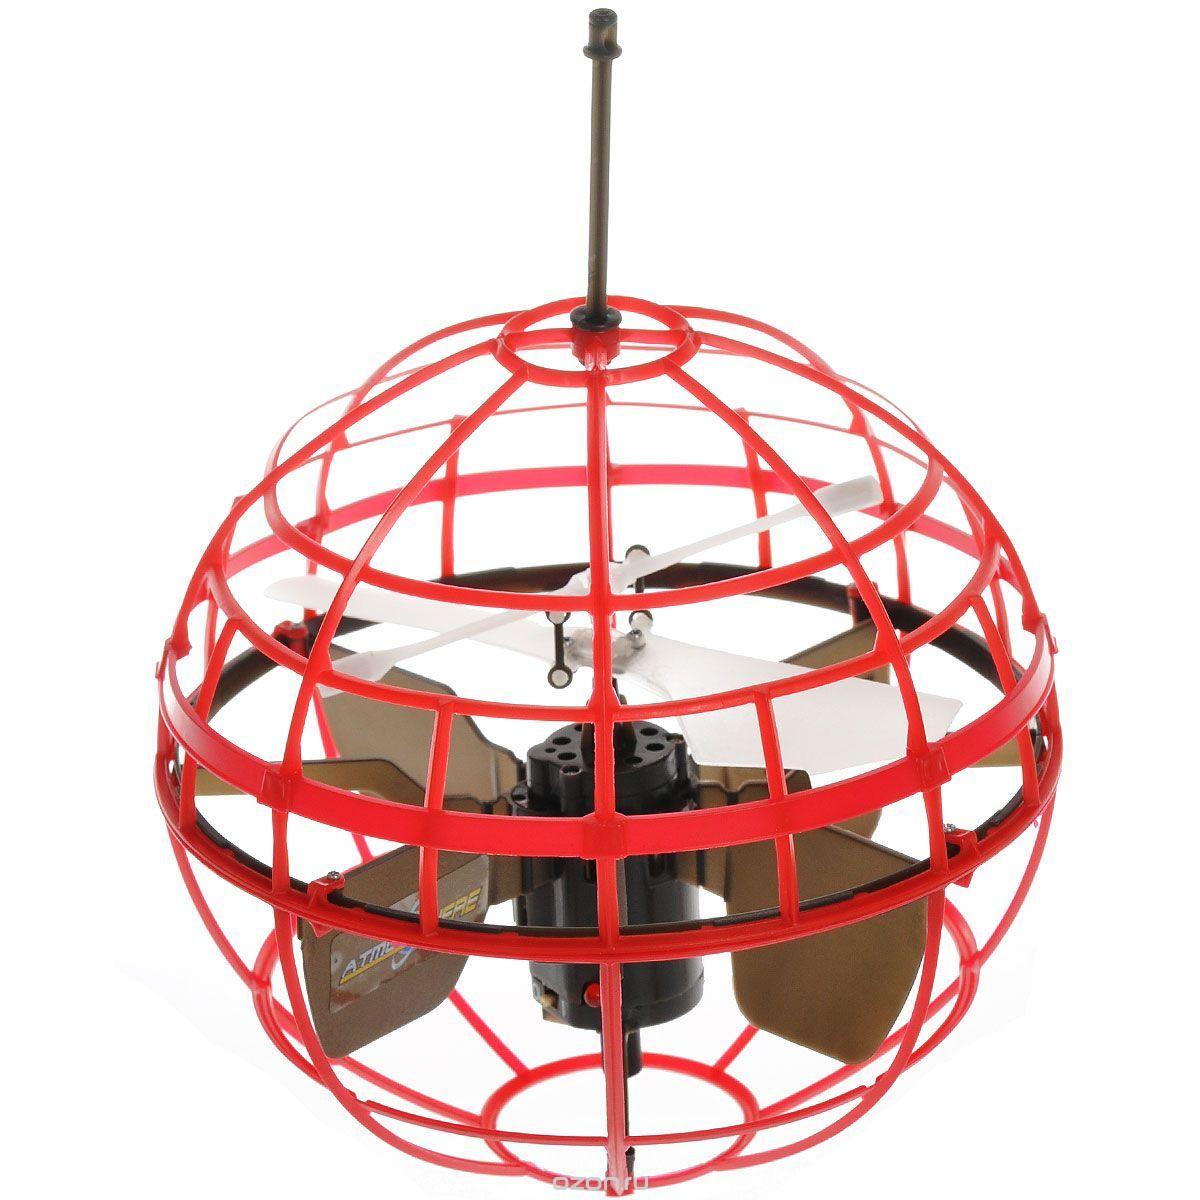 Air Hogs Игрушка на радиоуправлении Atmosphere Axis цвет красный air hogs вертолёт лезвие на радиоуправлении air hogs синий